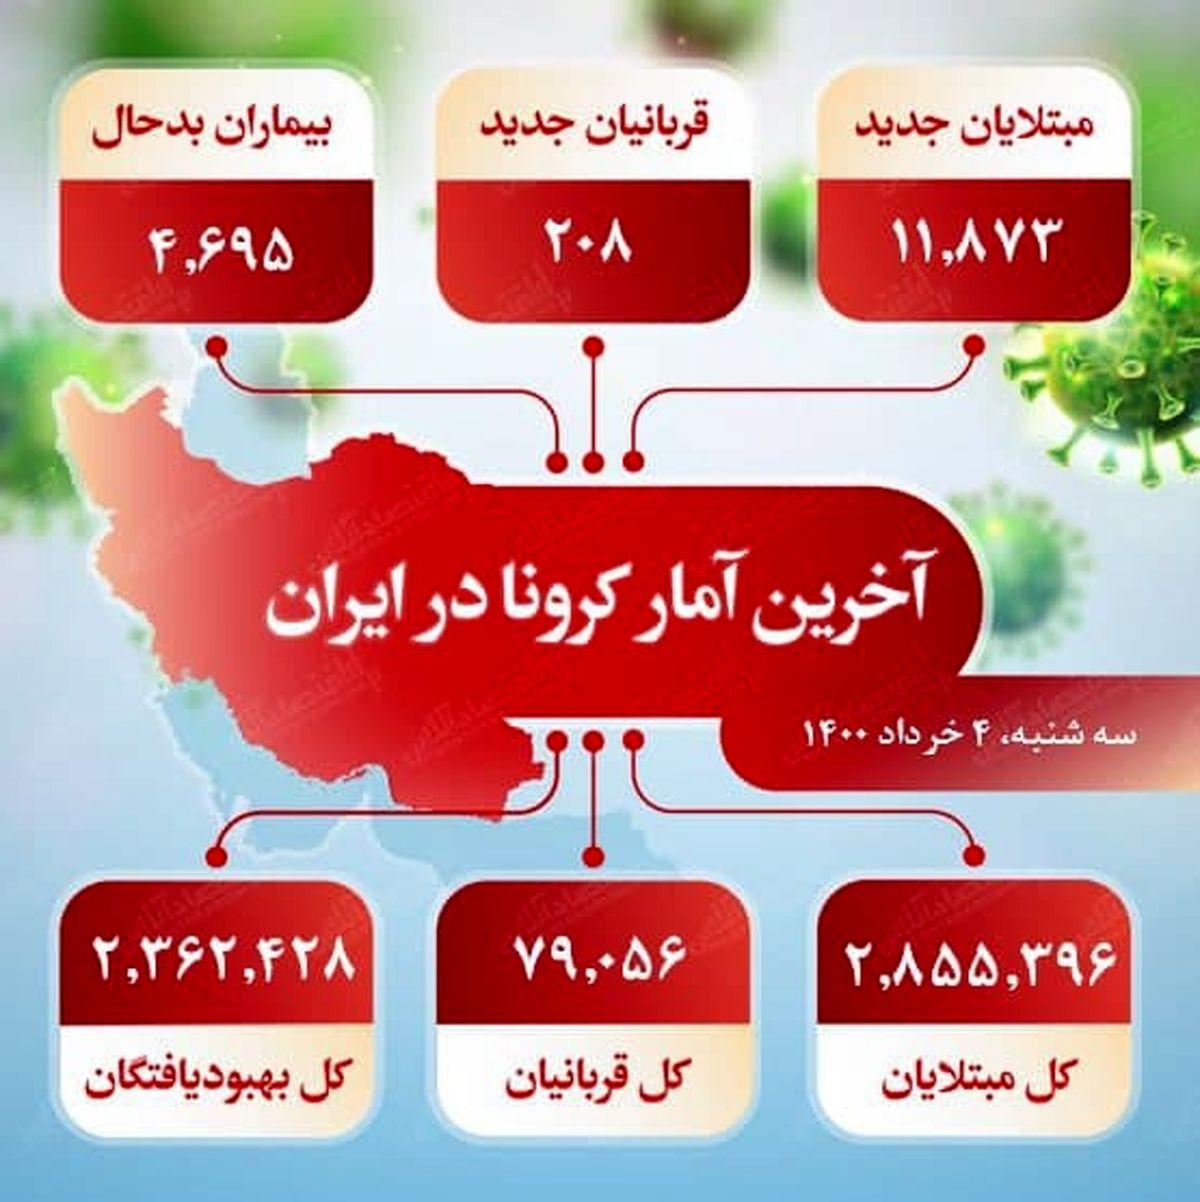 آخرین آمار کرونا در ایران (۱۴۰۰/۳/۴)